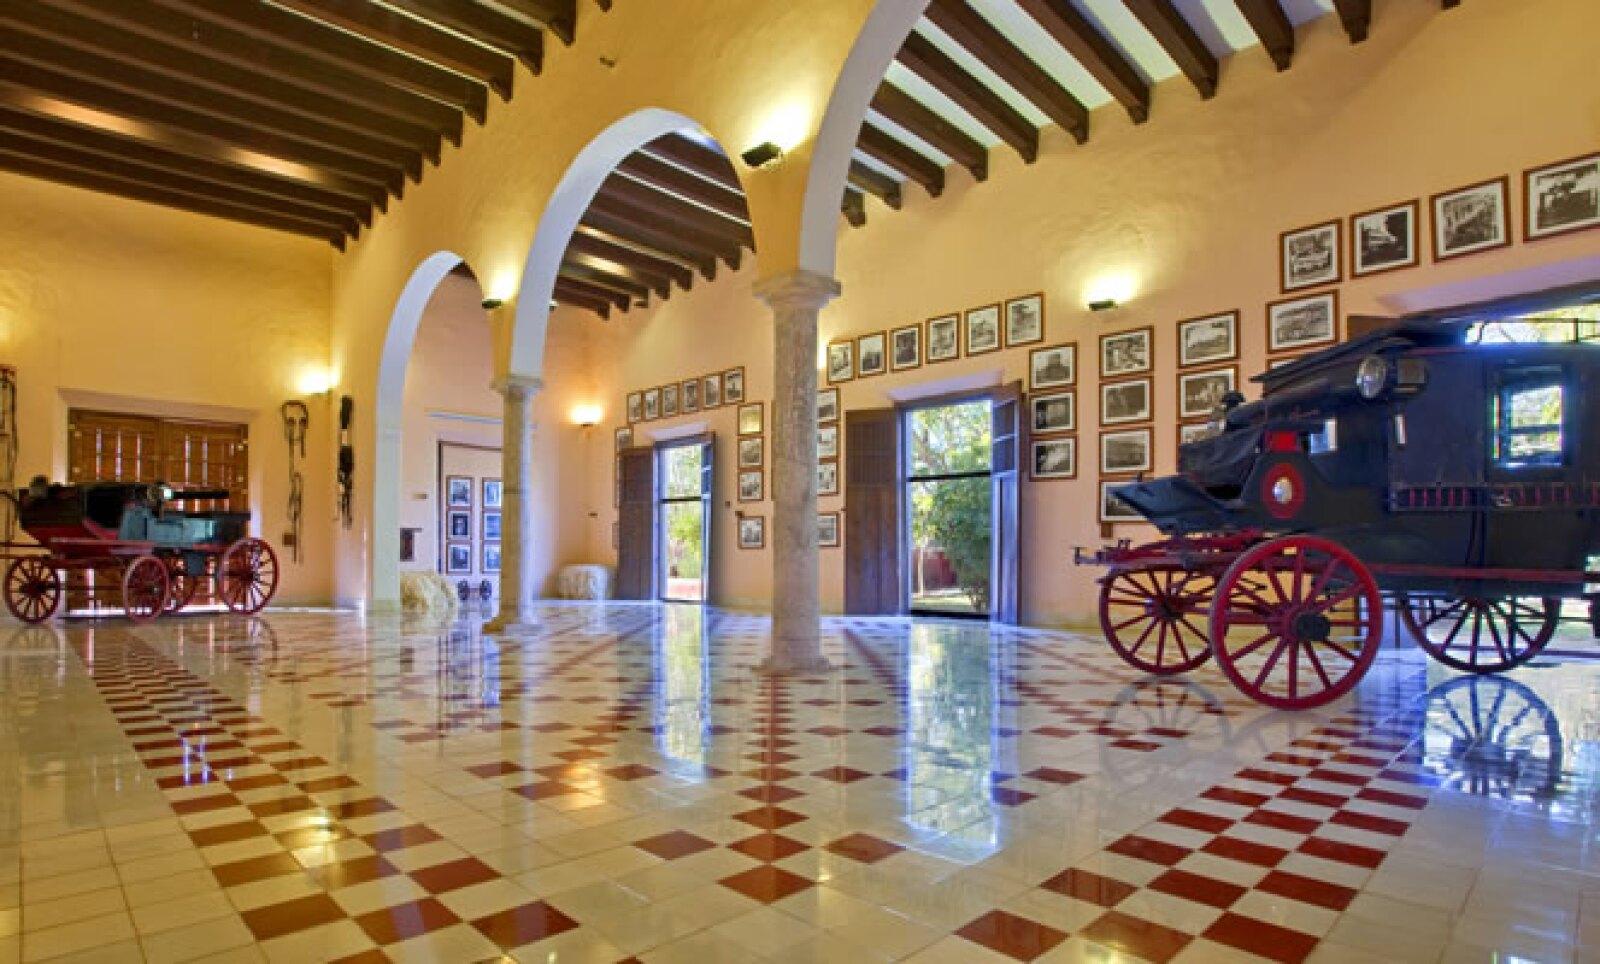 Las 28 habitaciones y suites se encuentran en los edificios originales, que han sido renovados por completo.